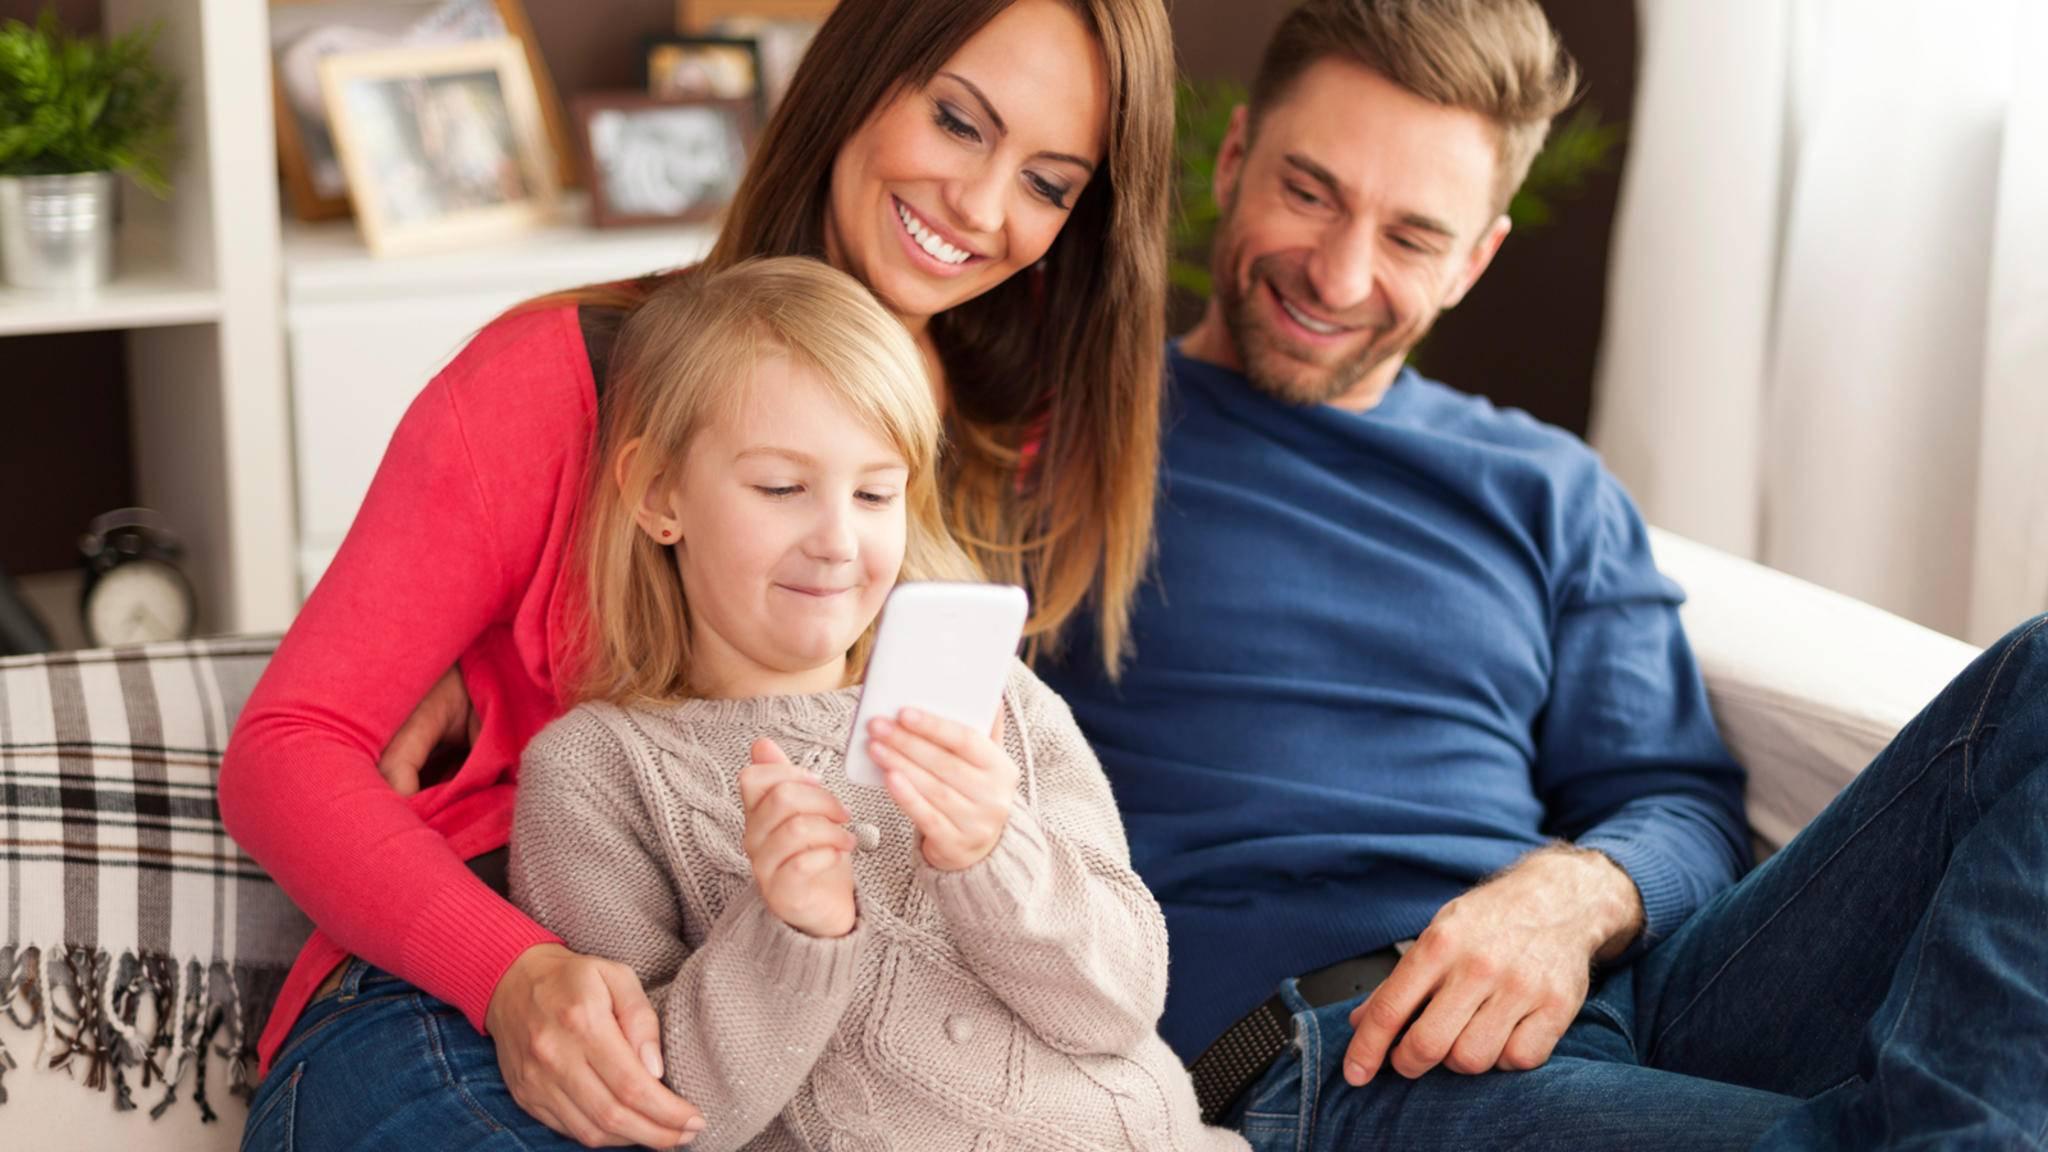 Jetzt dürfen auch Kinder sorgenfrei chatten: Die neue Facebook-App Messenger Kids macht's möglich.